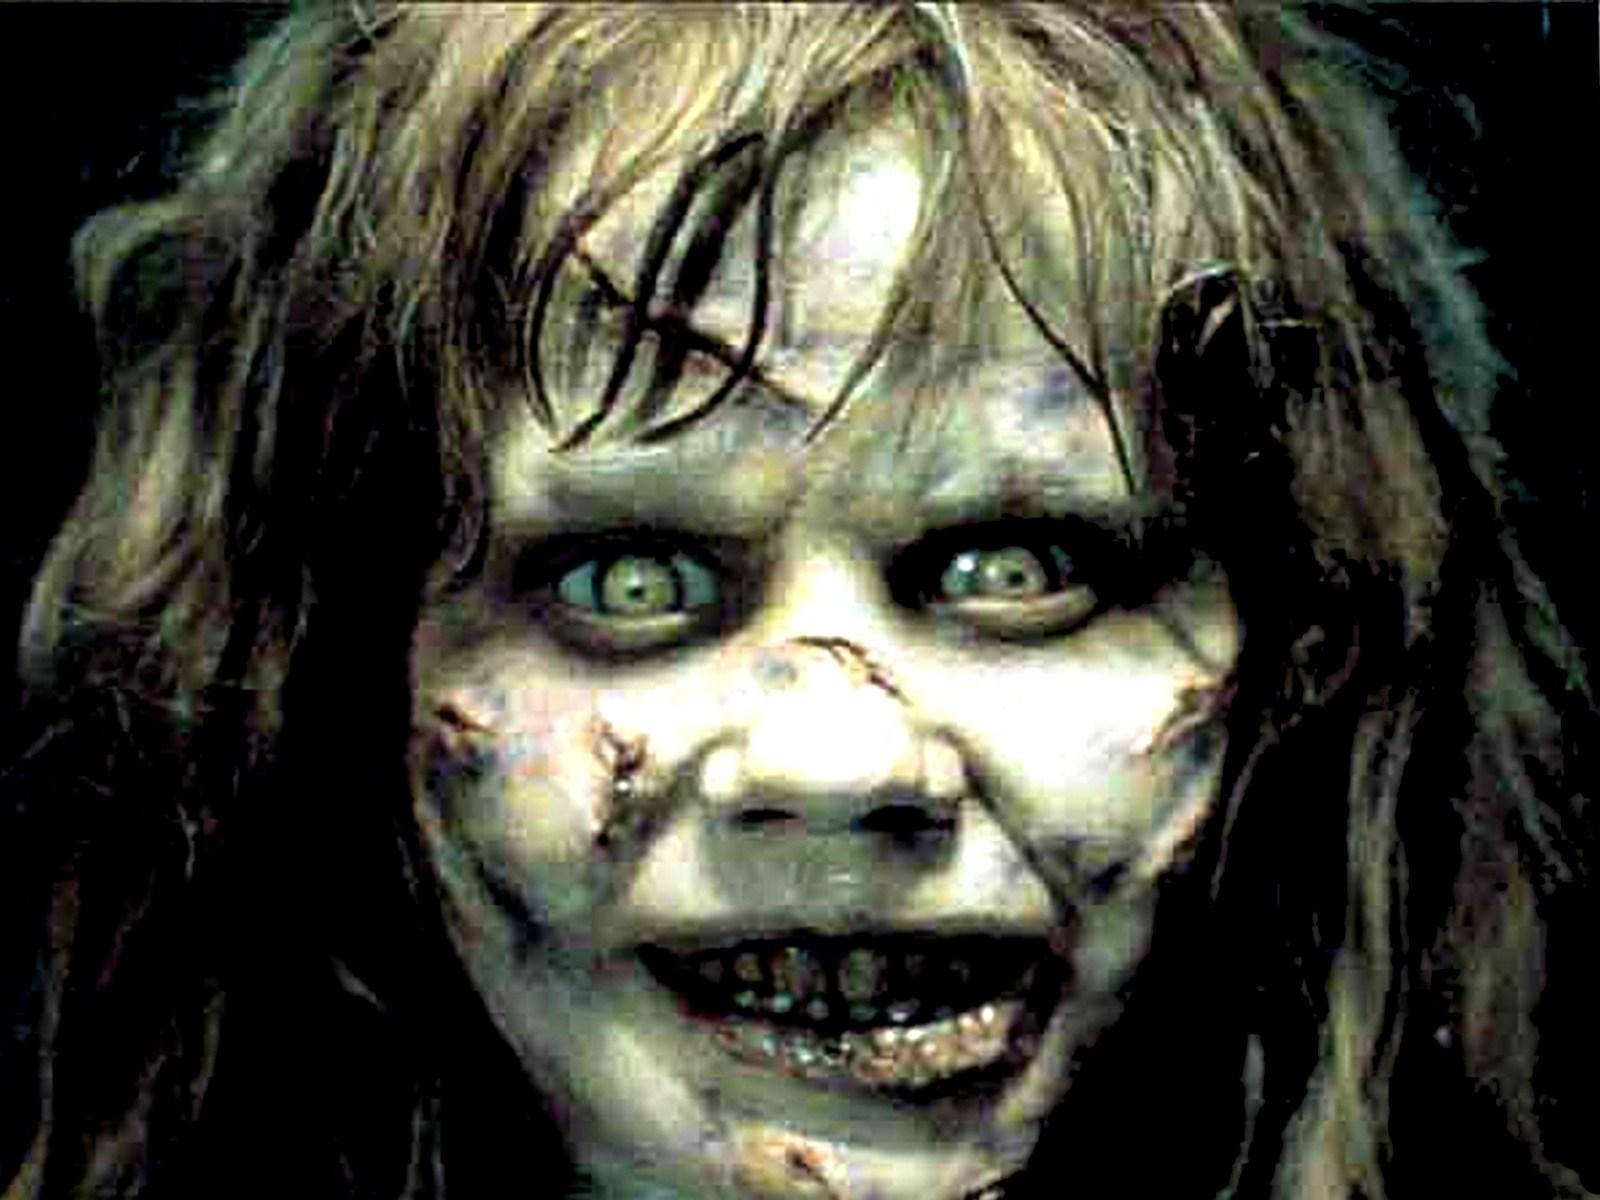 The Exorcist Regan Patch